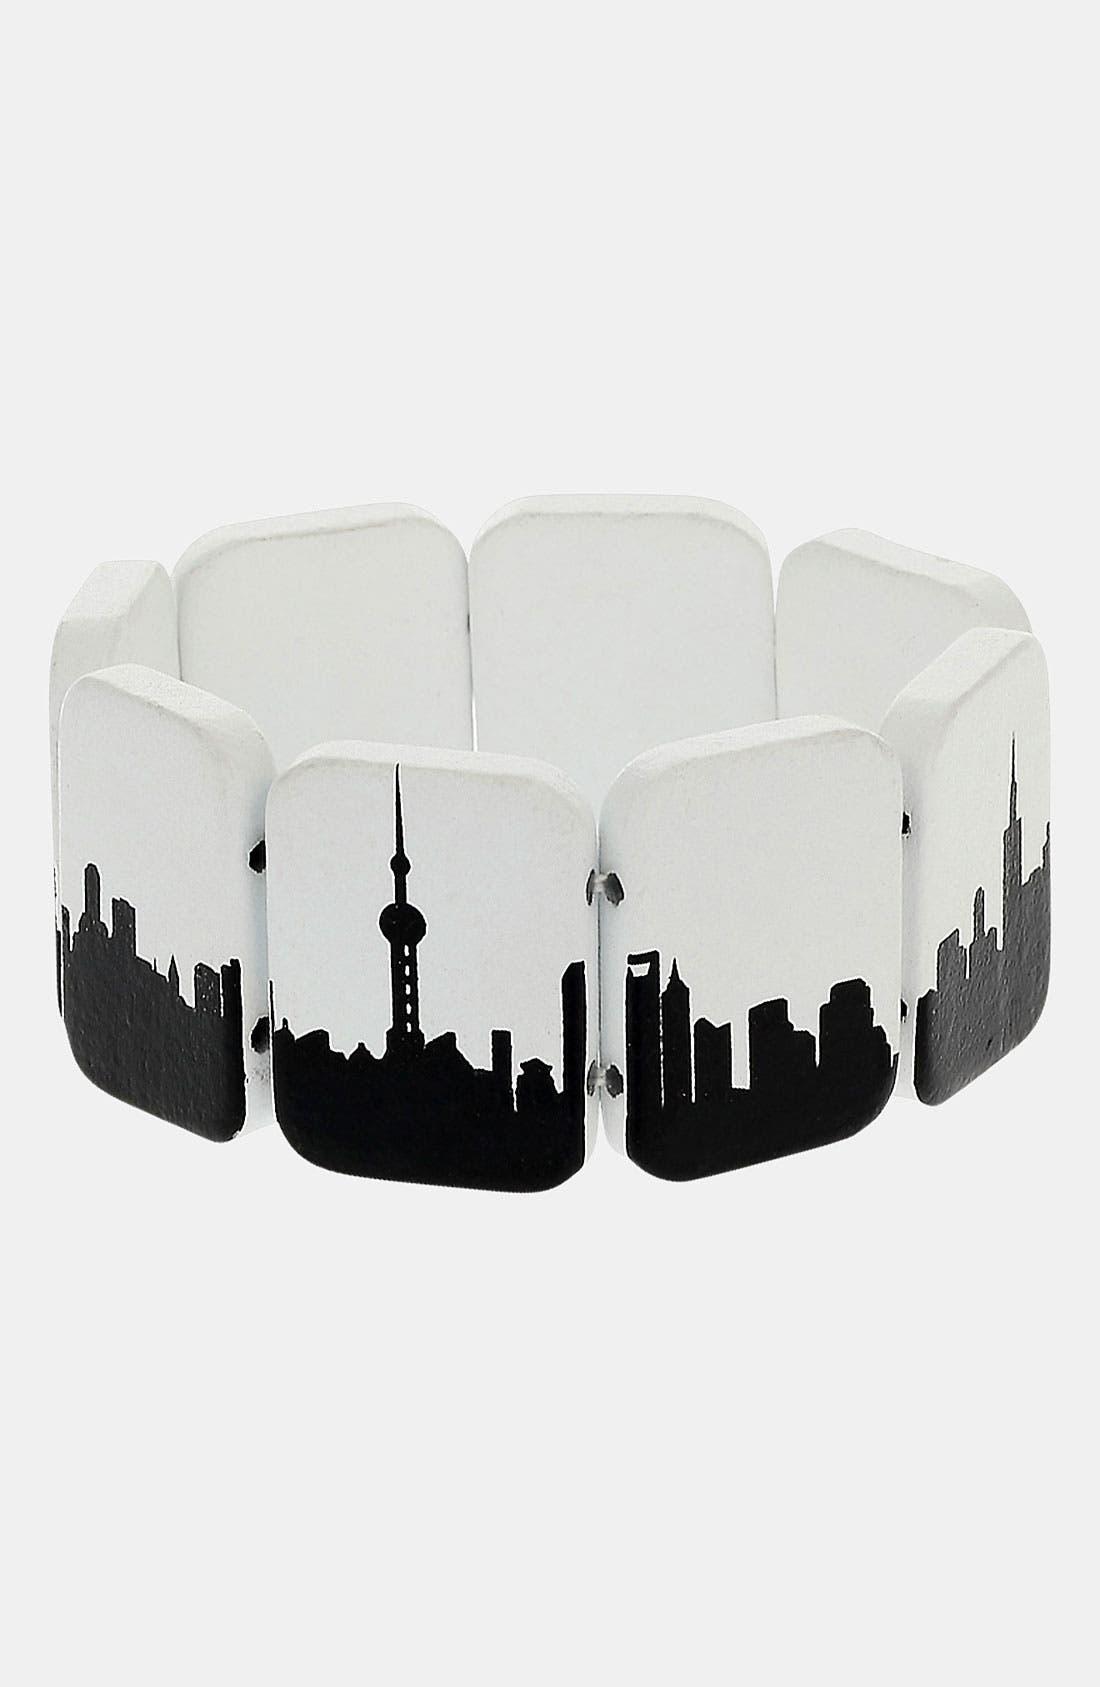 Alternate Image 1 Selected - Topman 'City Landscape' Stretch Bracelet